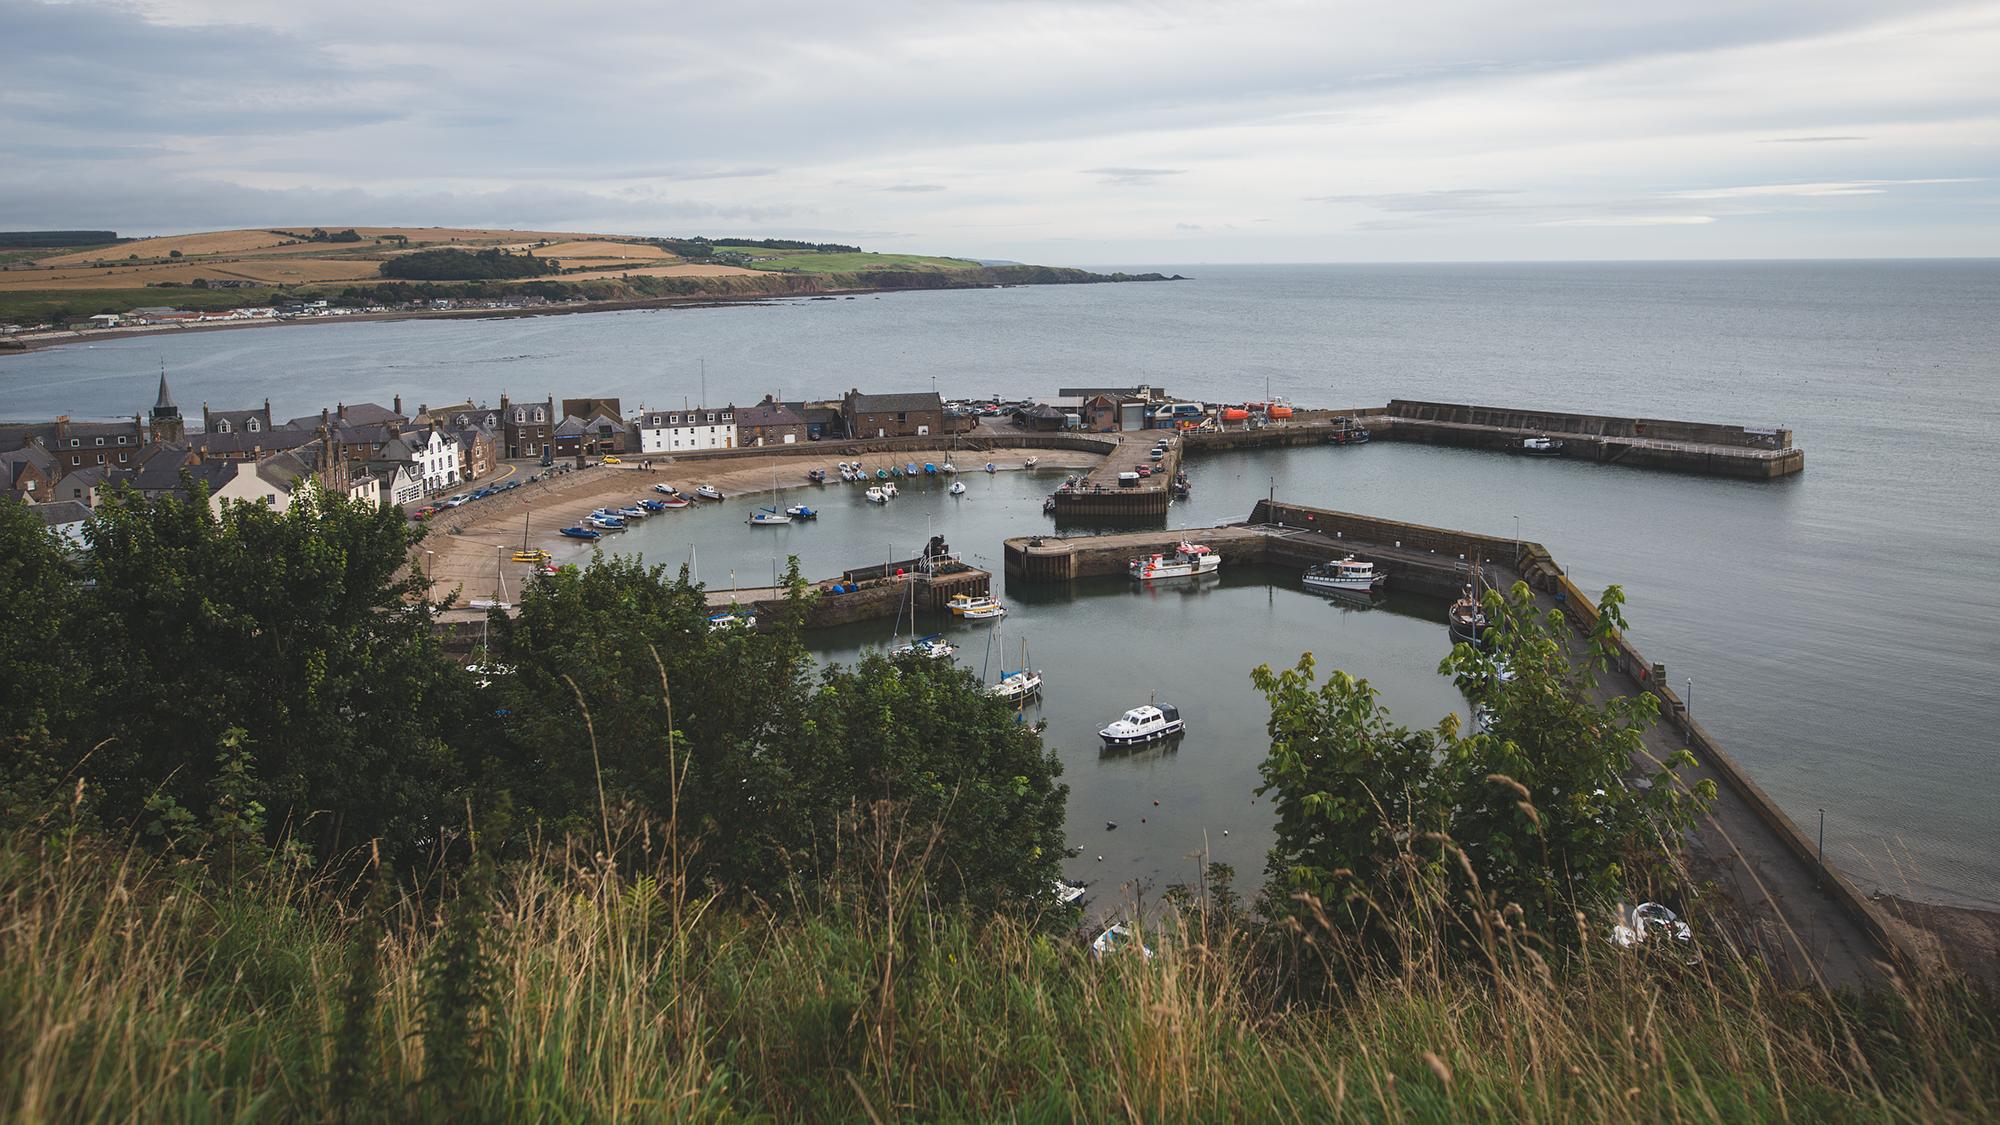 Stonehavens Hafen von oben gesehen